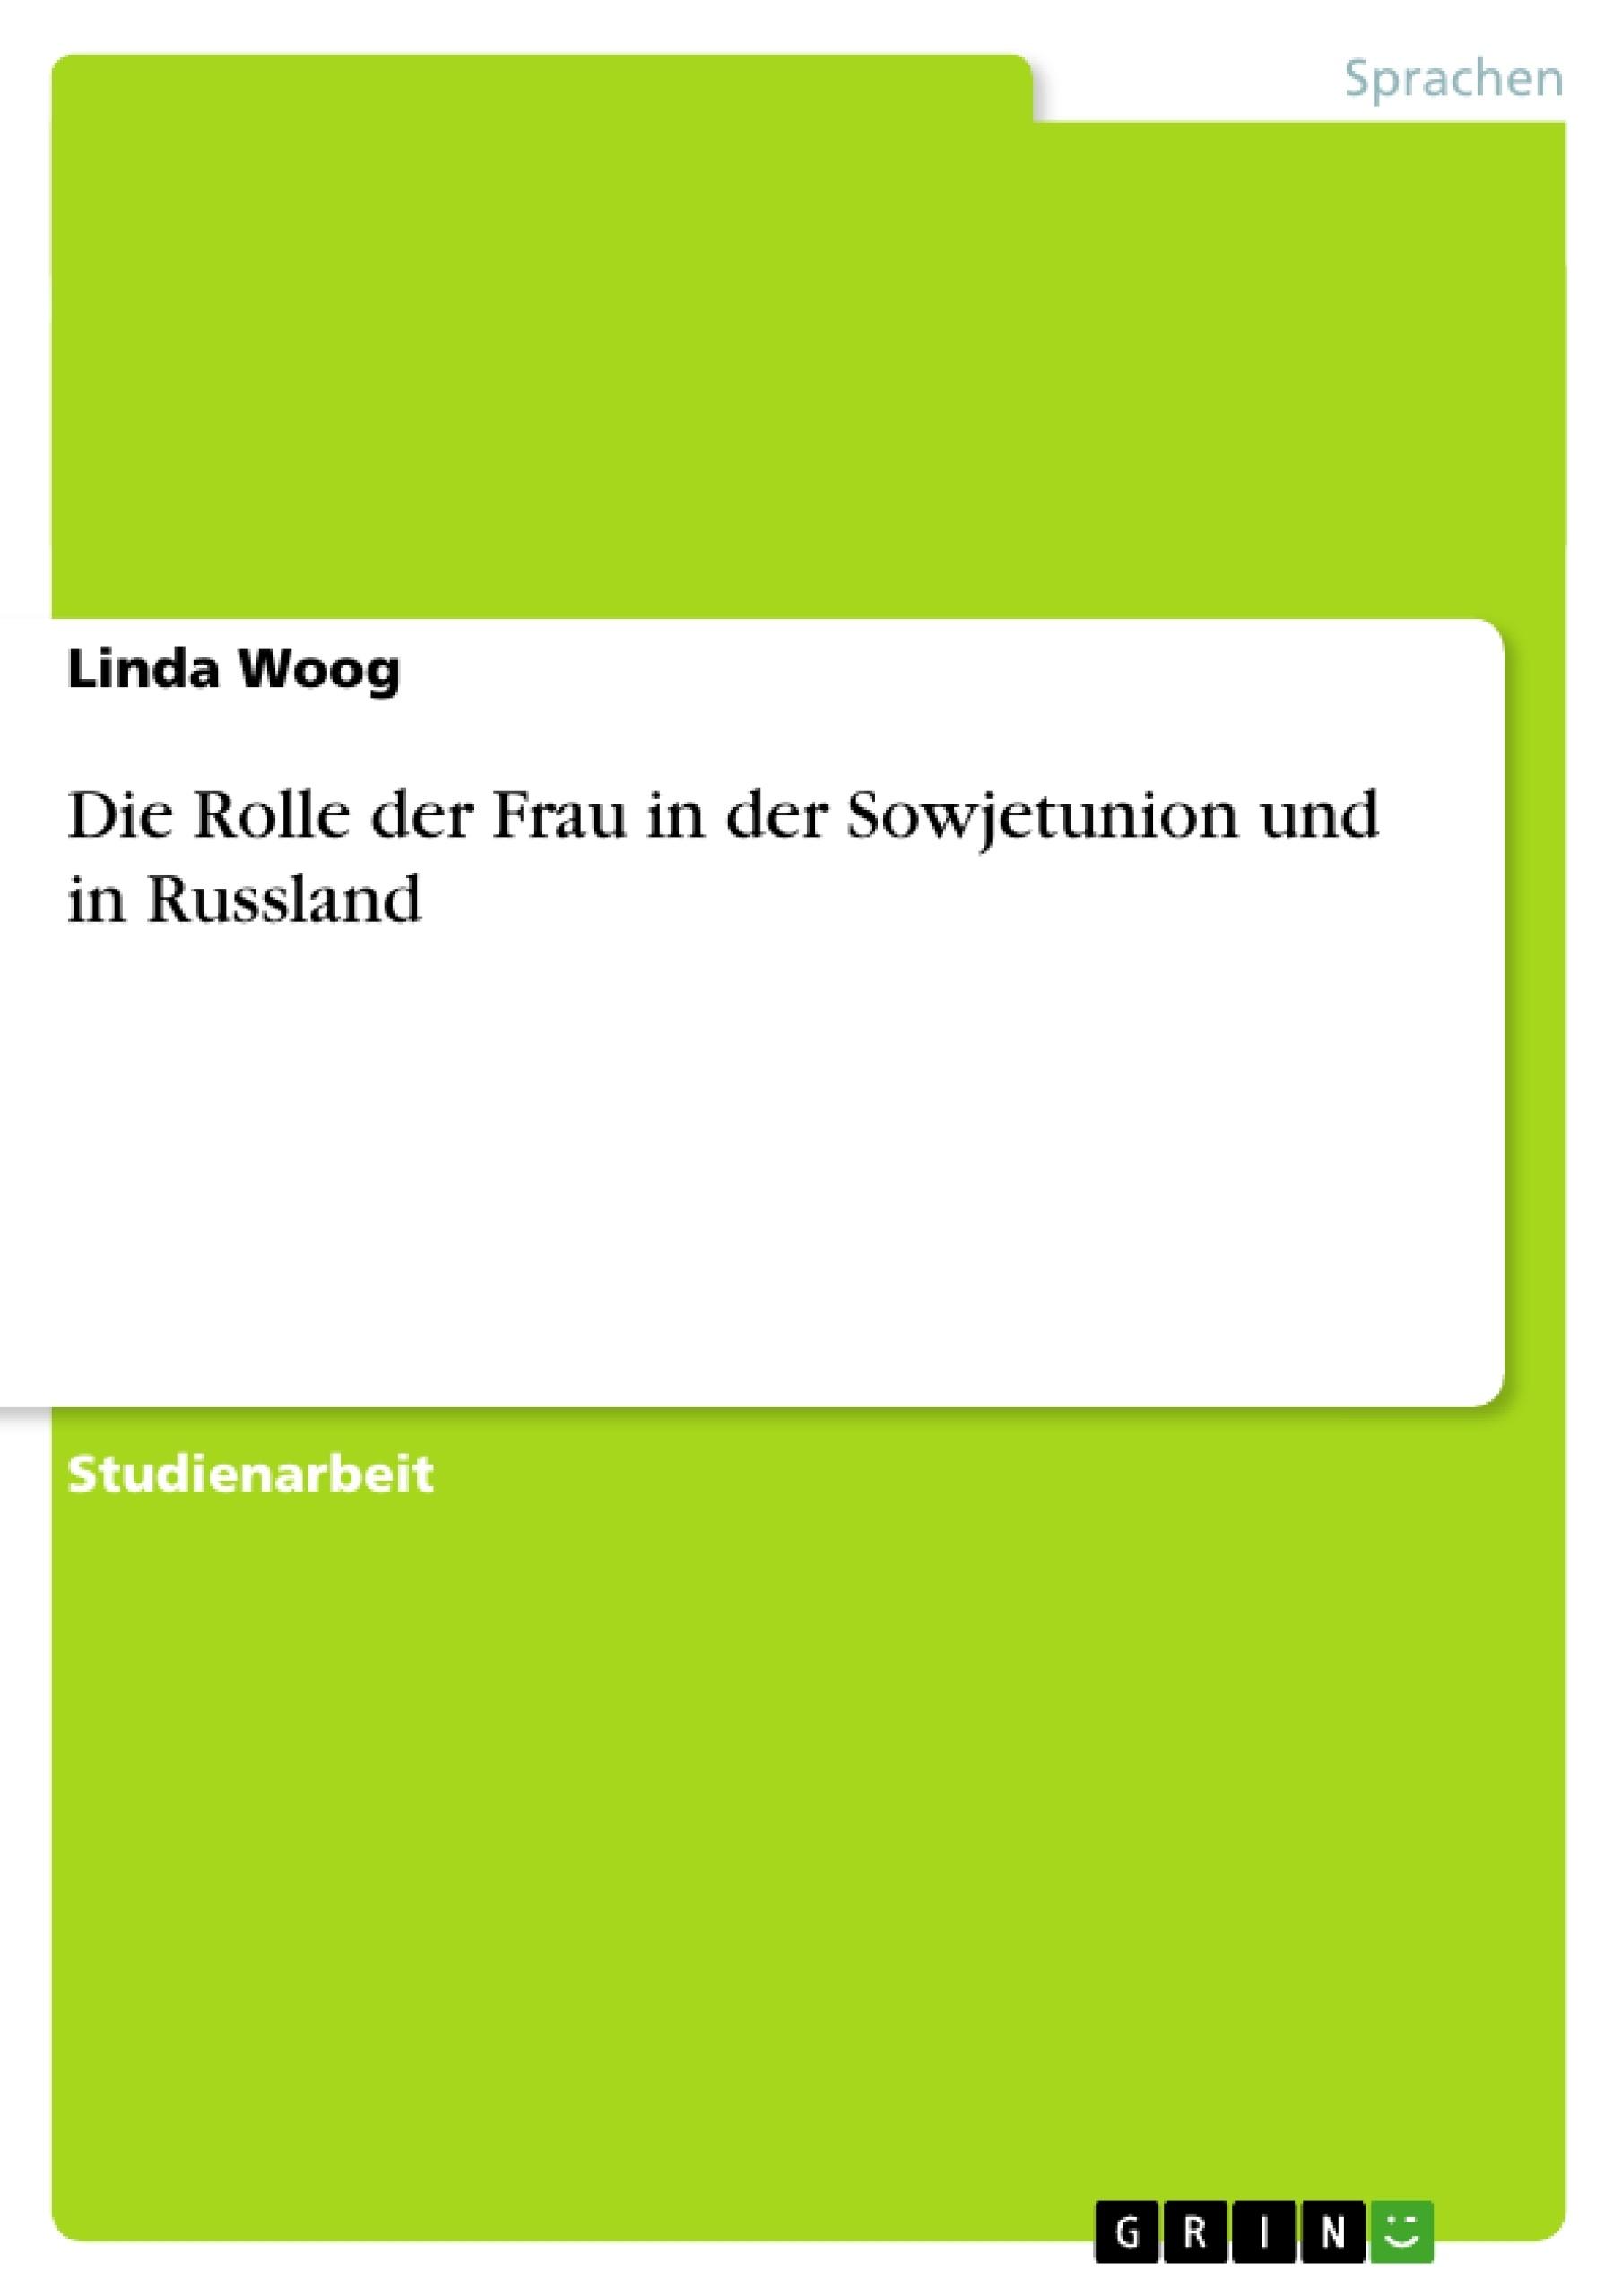 Titel: Die Rolle der Frau in der Sowjetunion und in Russland